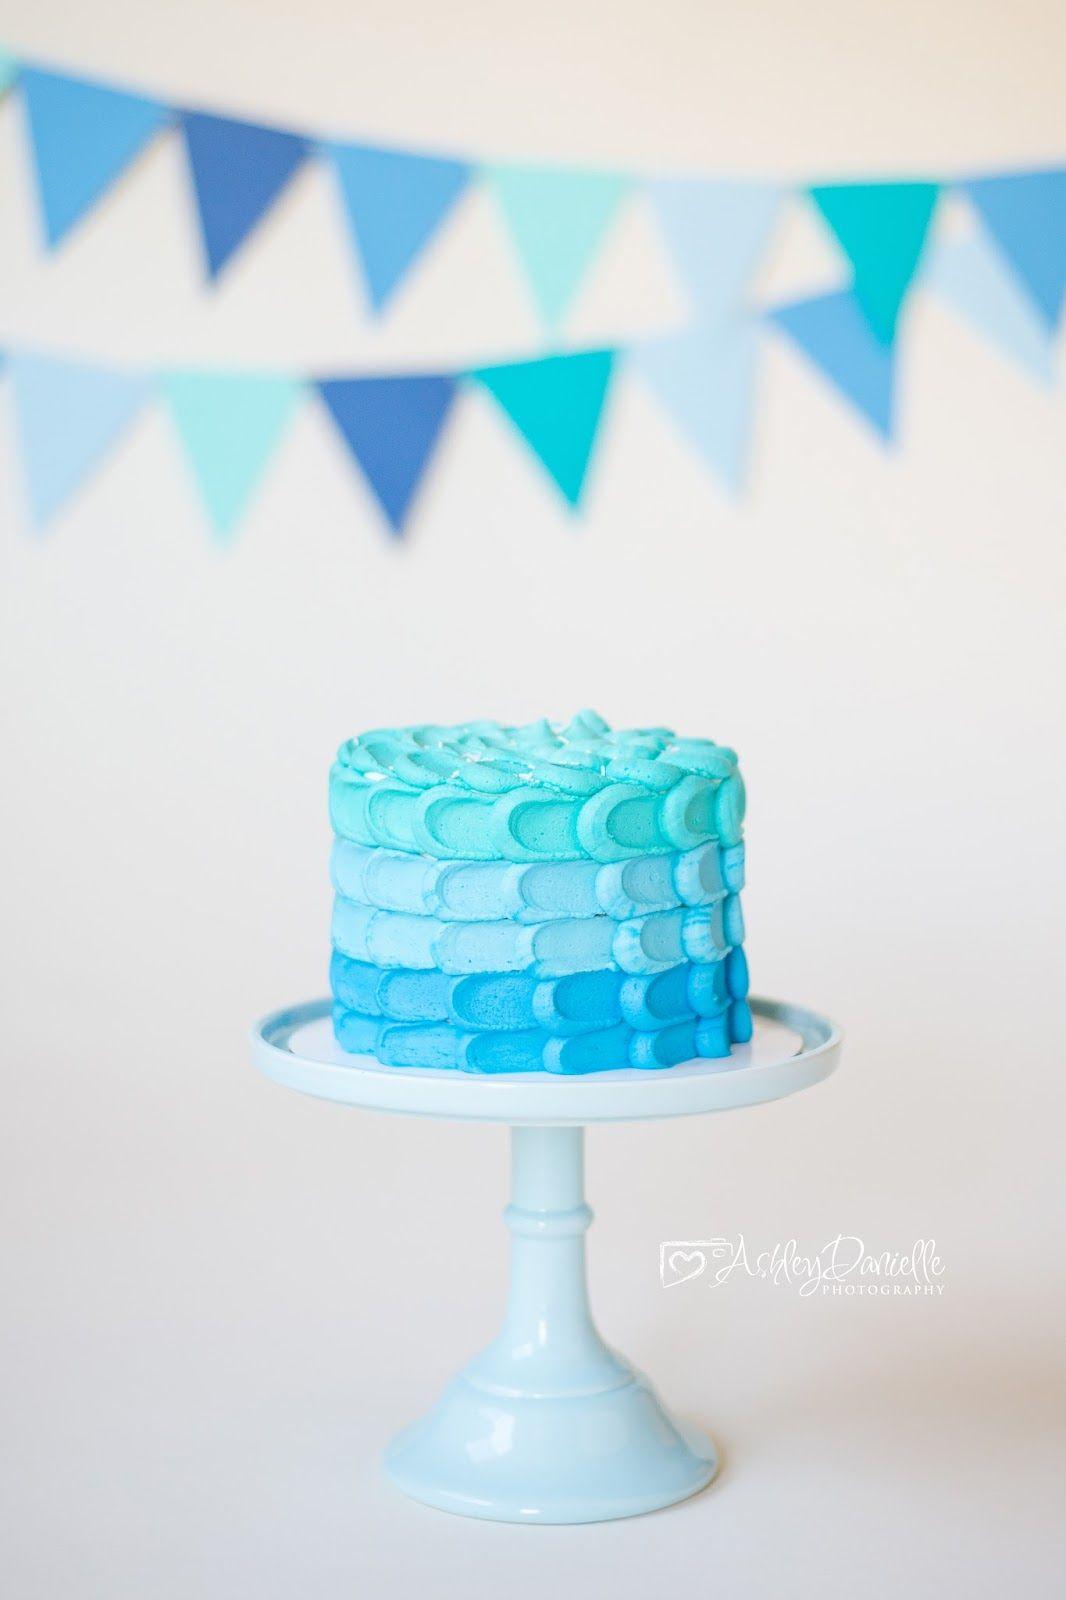 Cake Smash Cake Smash And Splash Boy Cake Smash Blue Tone Cake